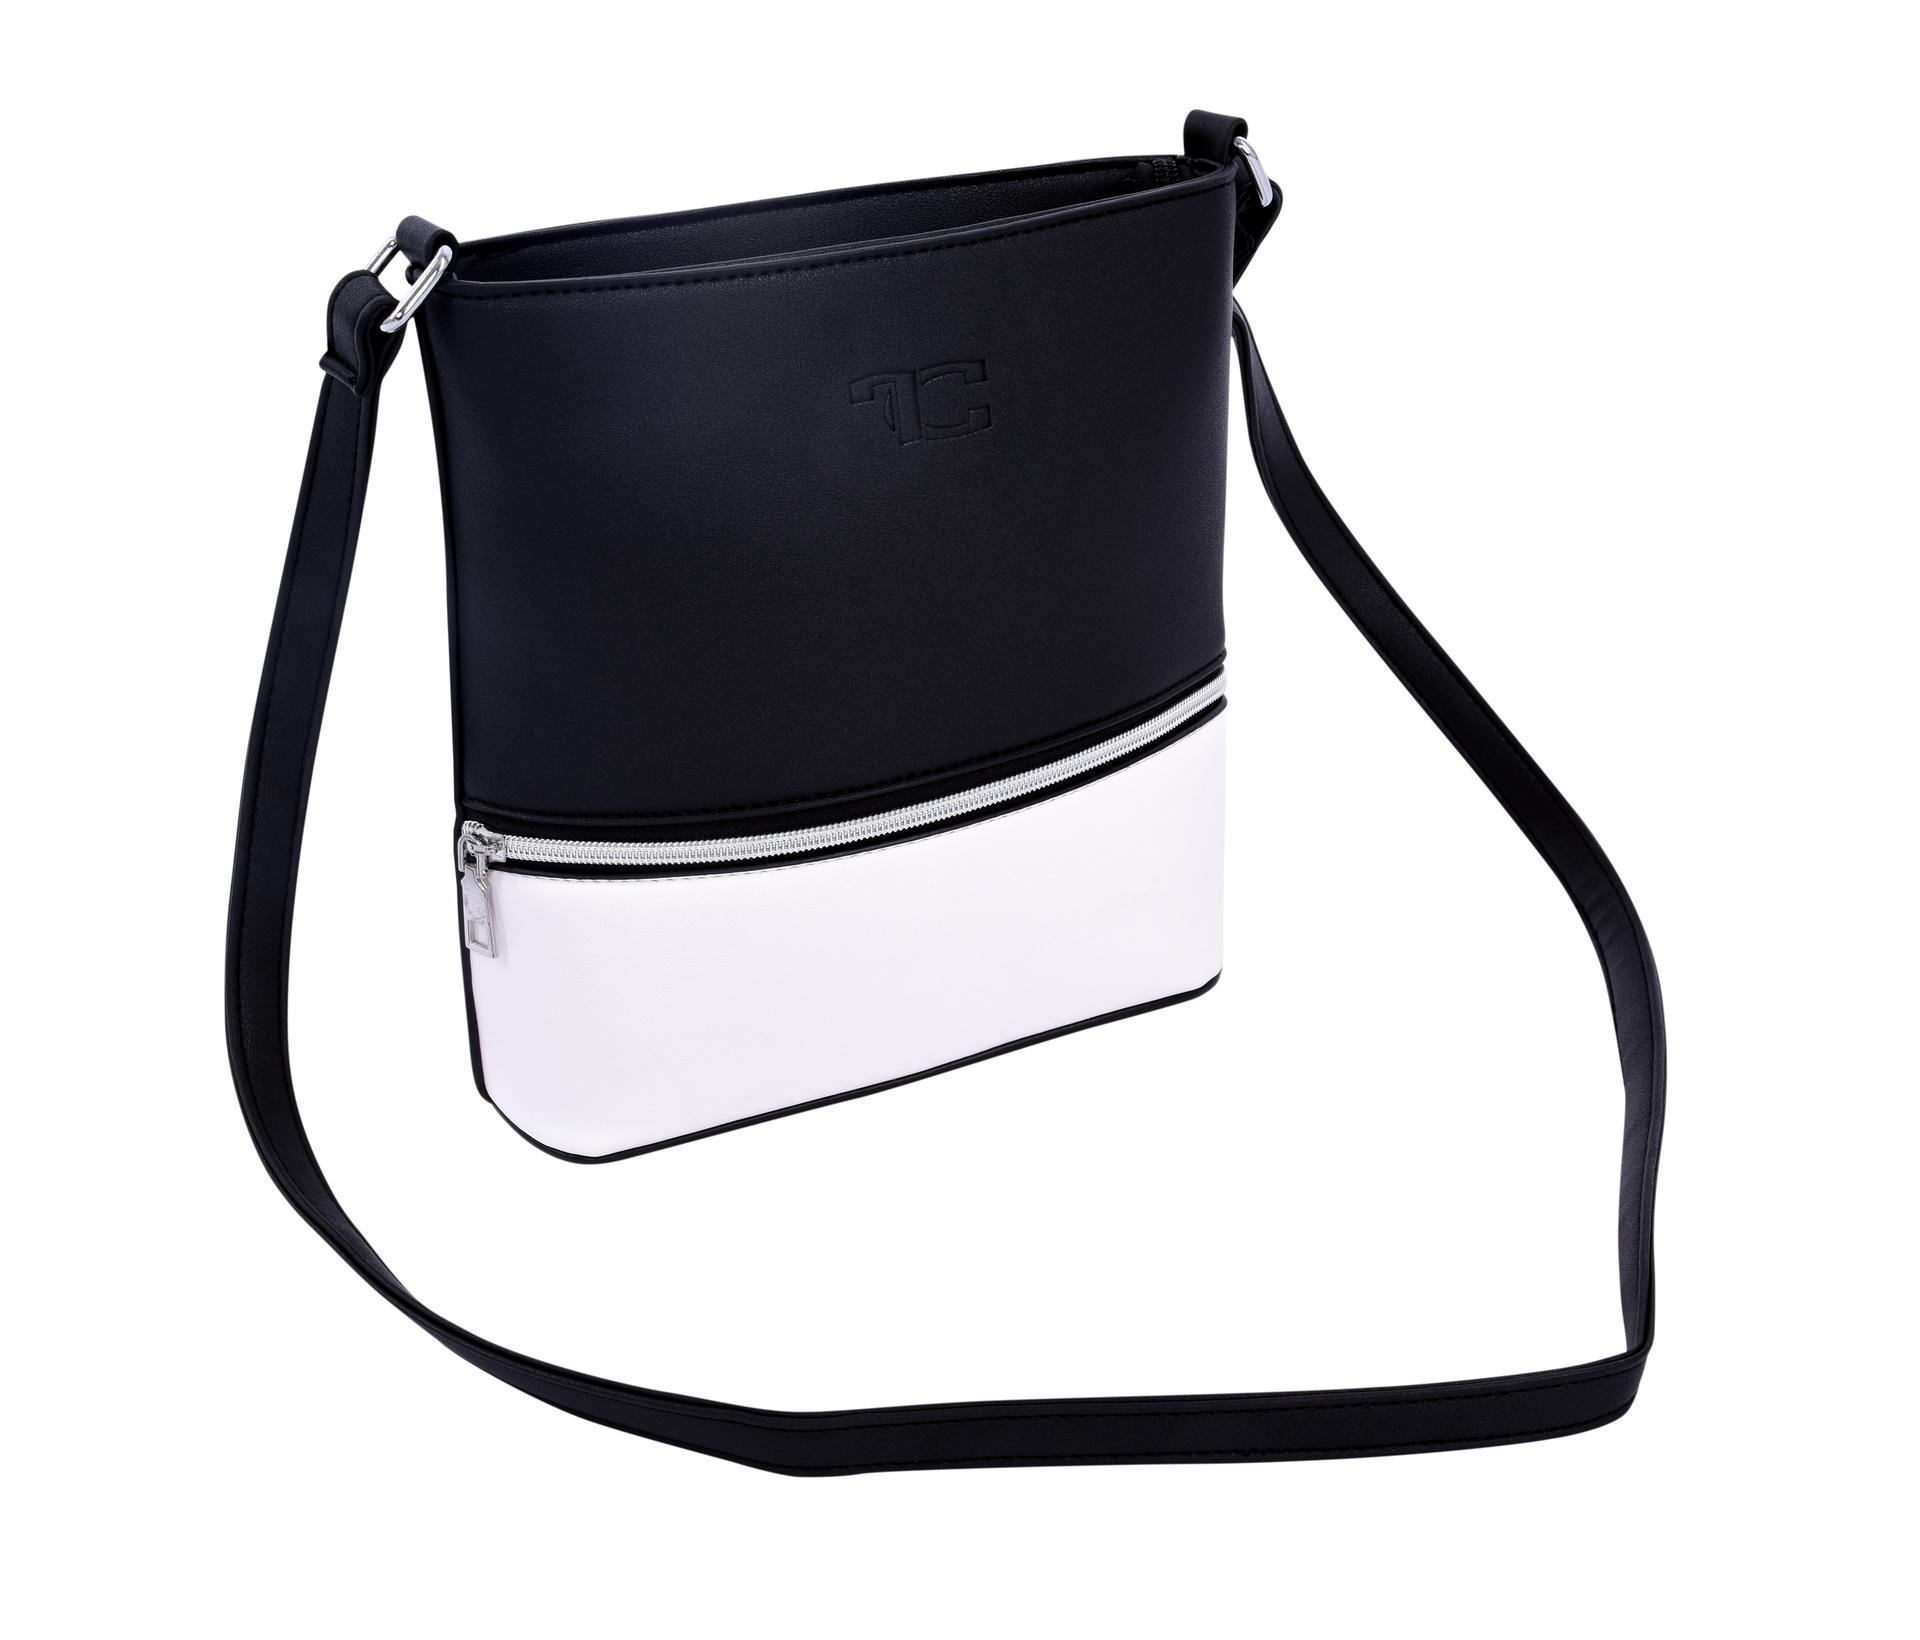 INFINITY CROSSBODY kabelka z ekokůže černo bílá